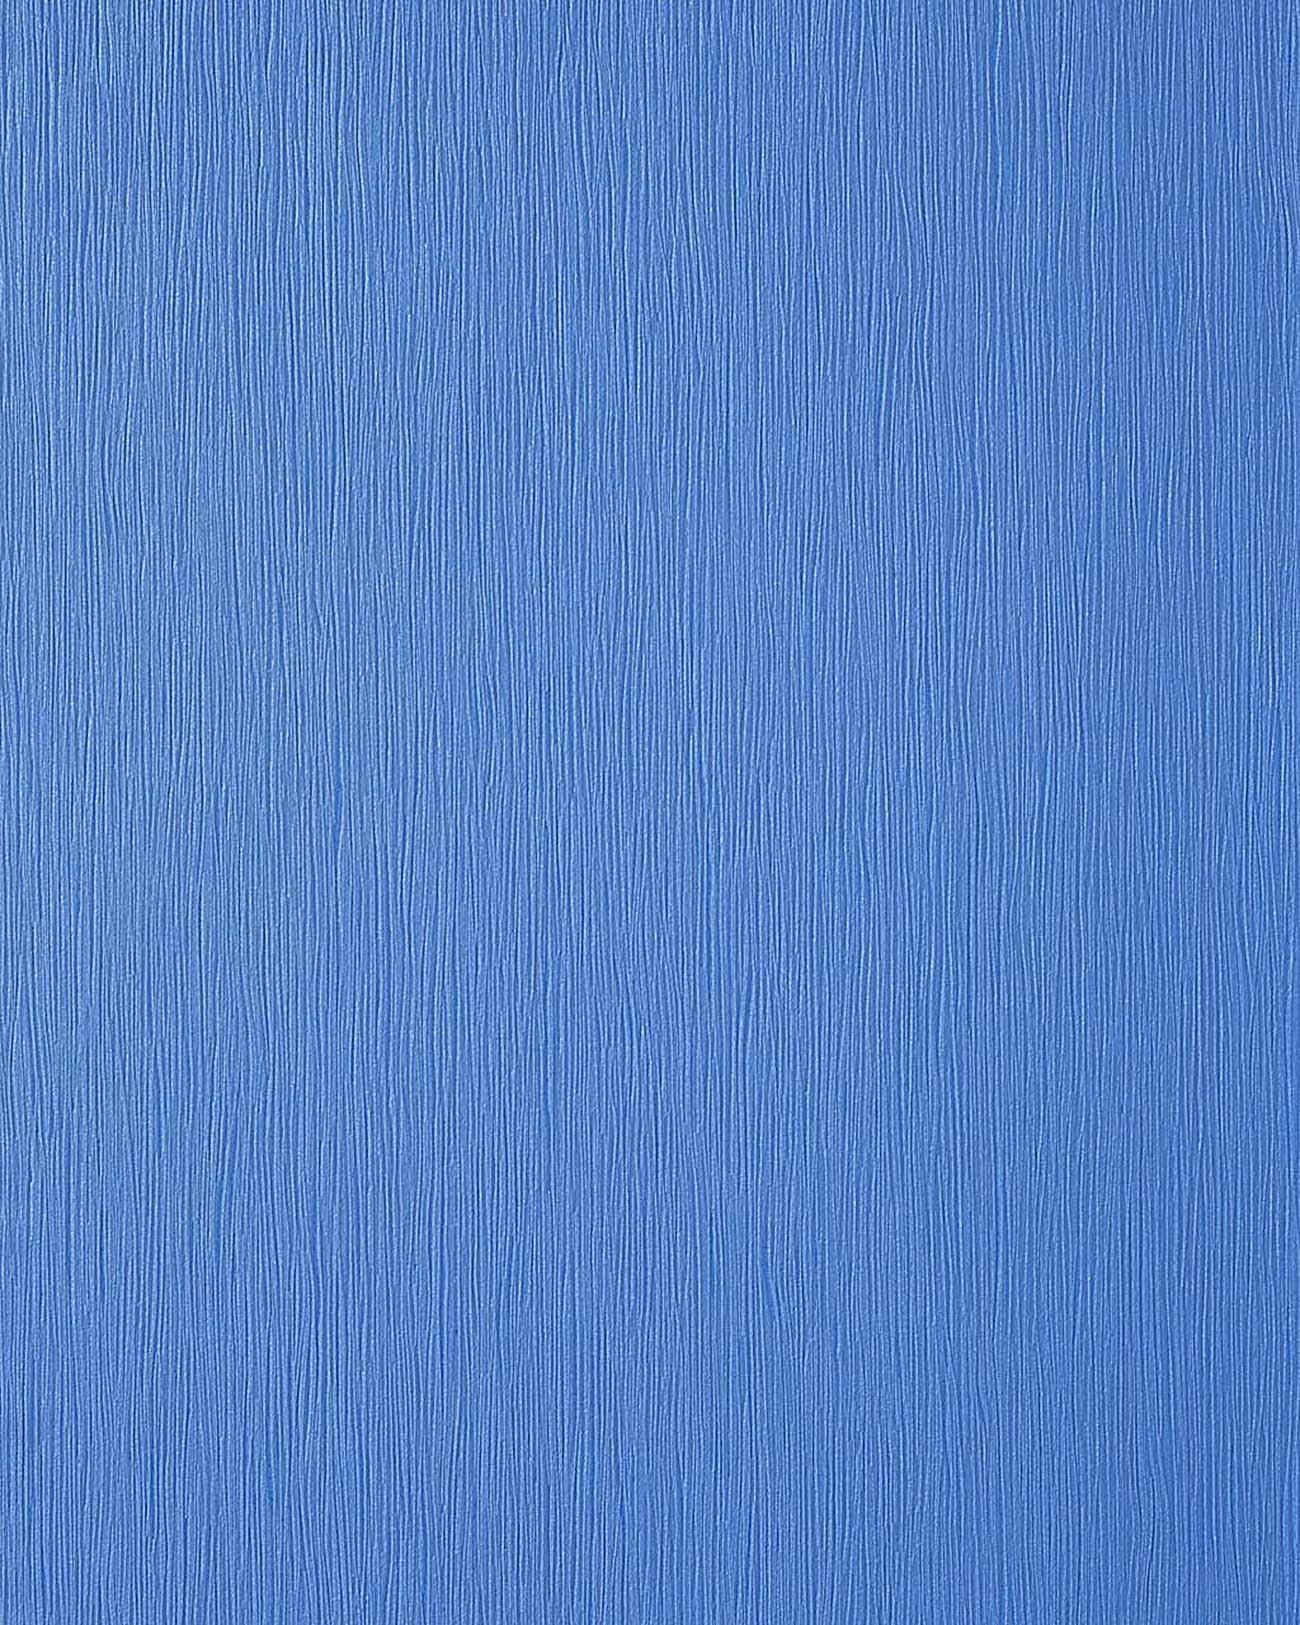 uni tapete edem 118 22 tapete gestreift vinyltapete gute laune farbe blau violett perlmutt. Black Bedroom Furniture Sets. Home Design Ideas